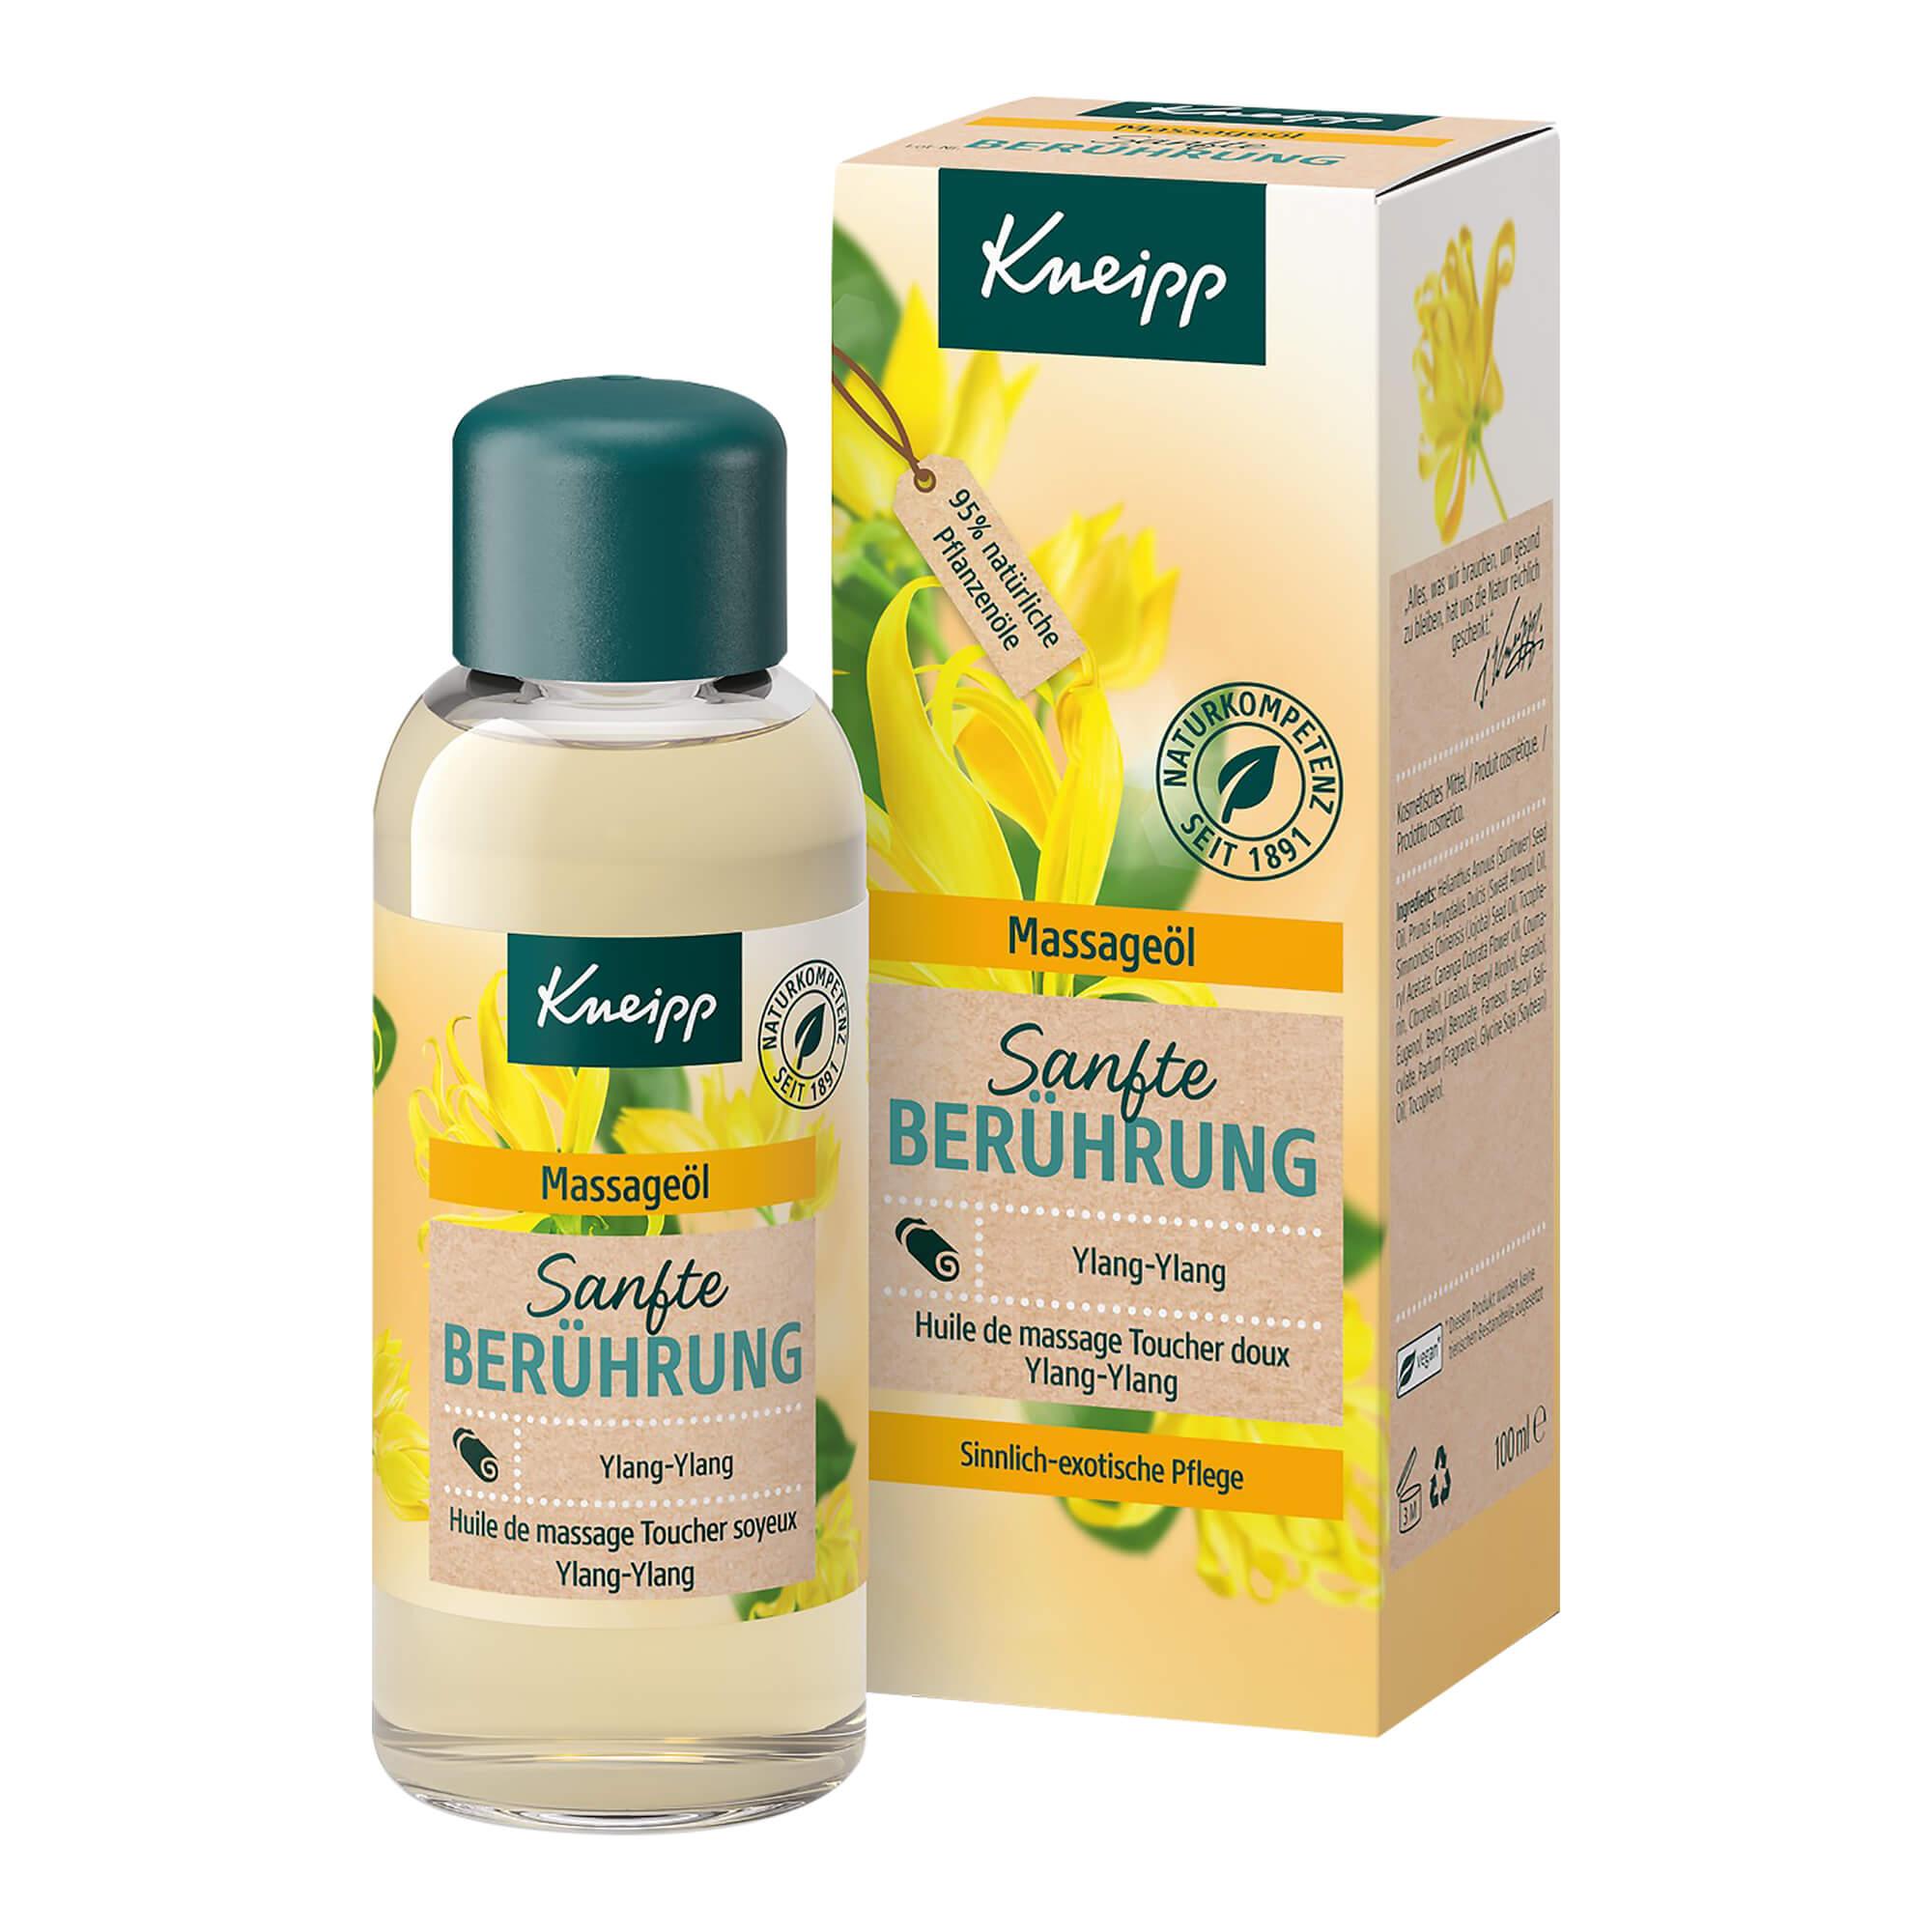 Kneipp Massageöl Sanfte Berührung